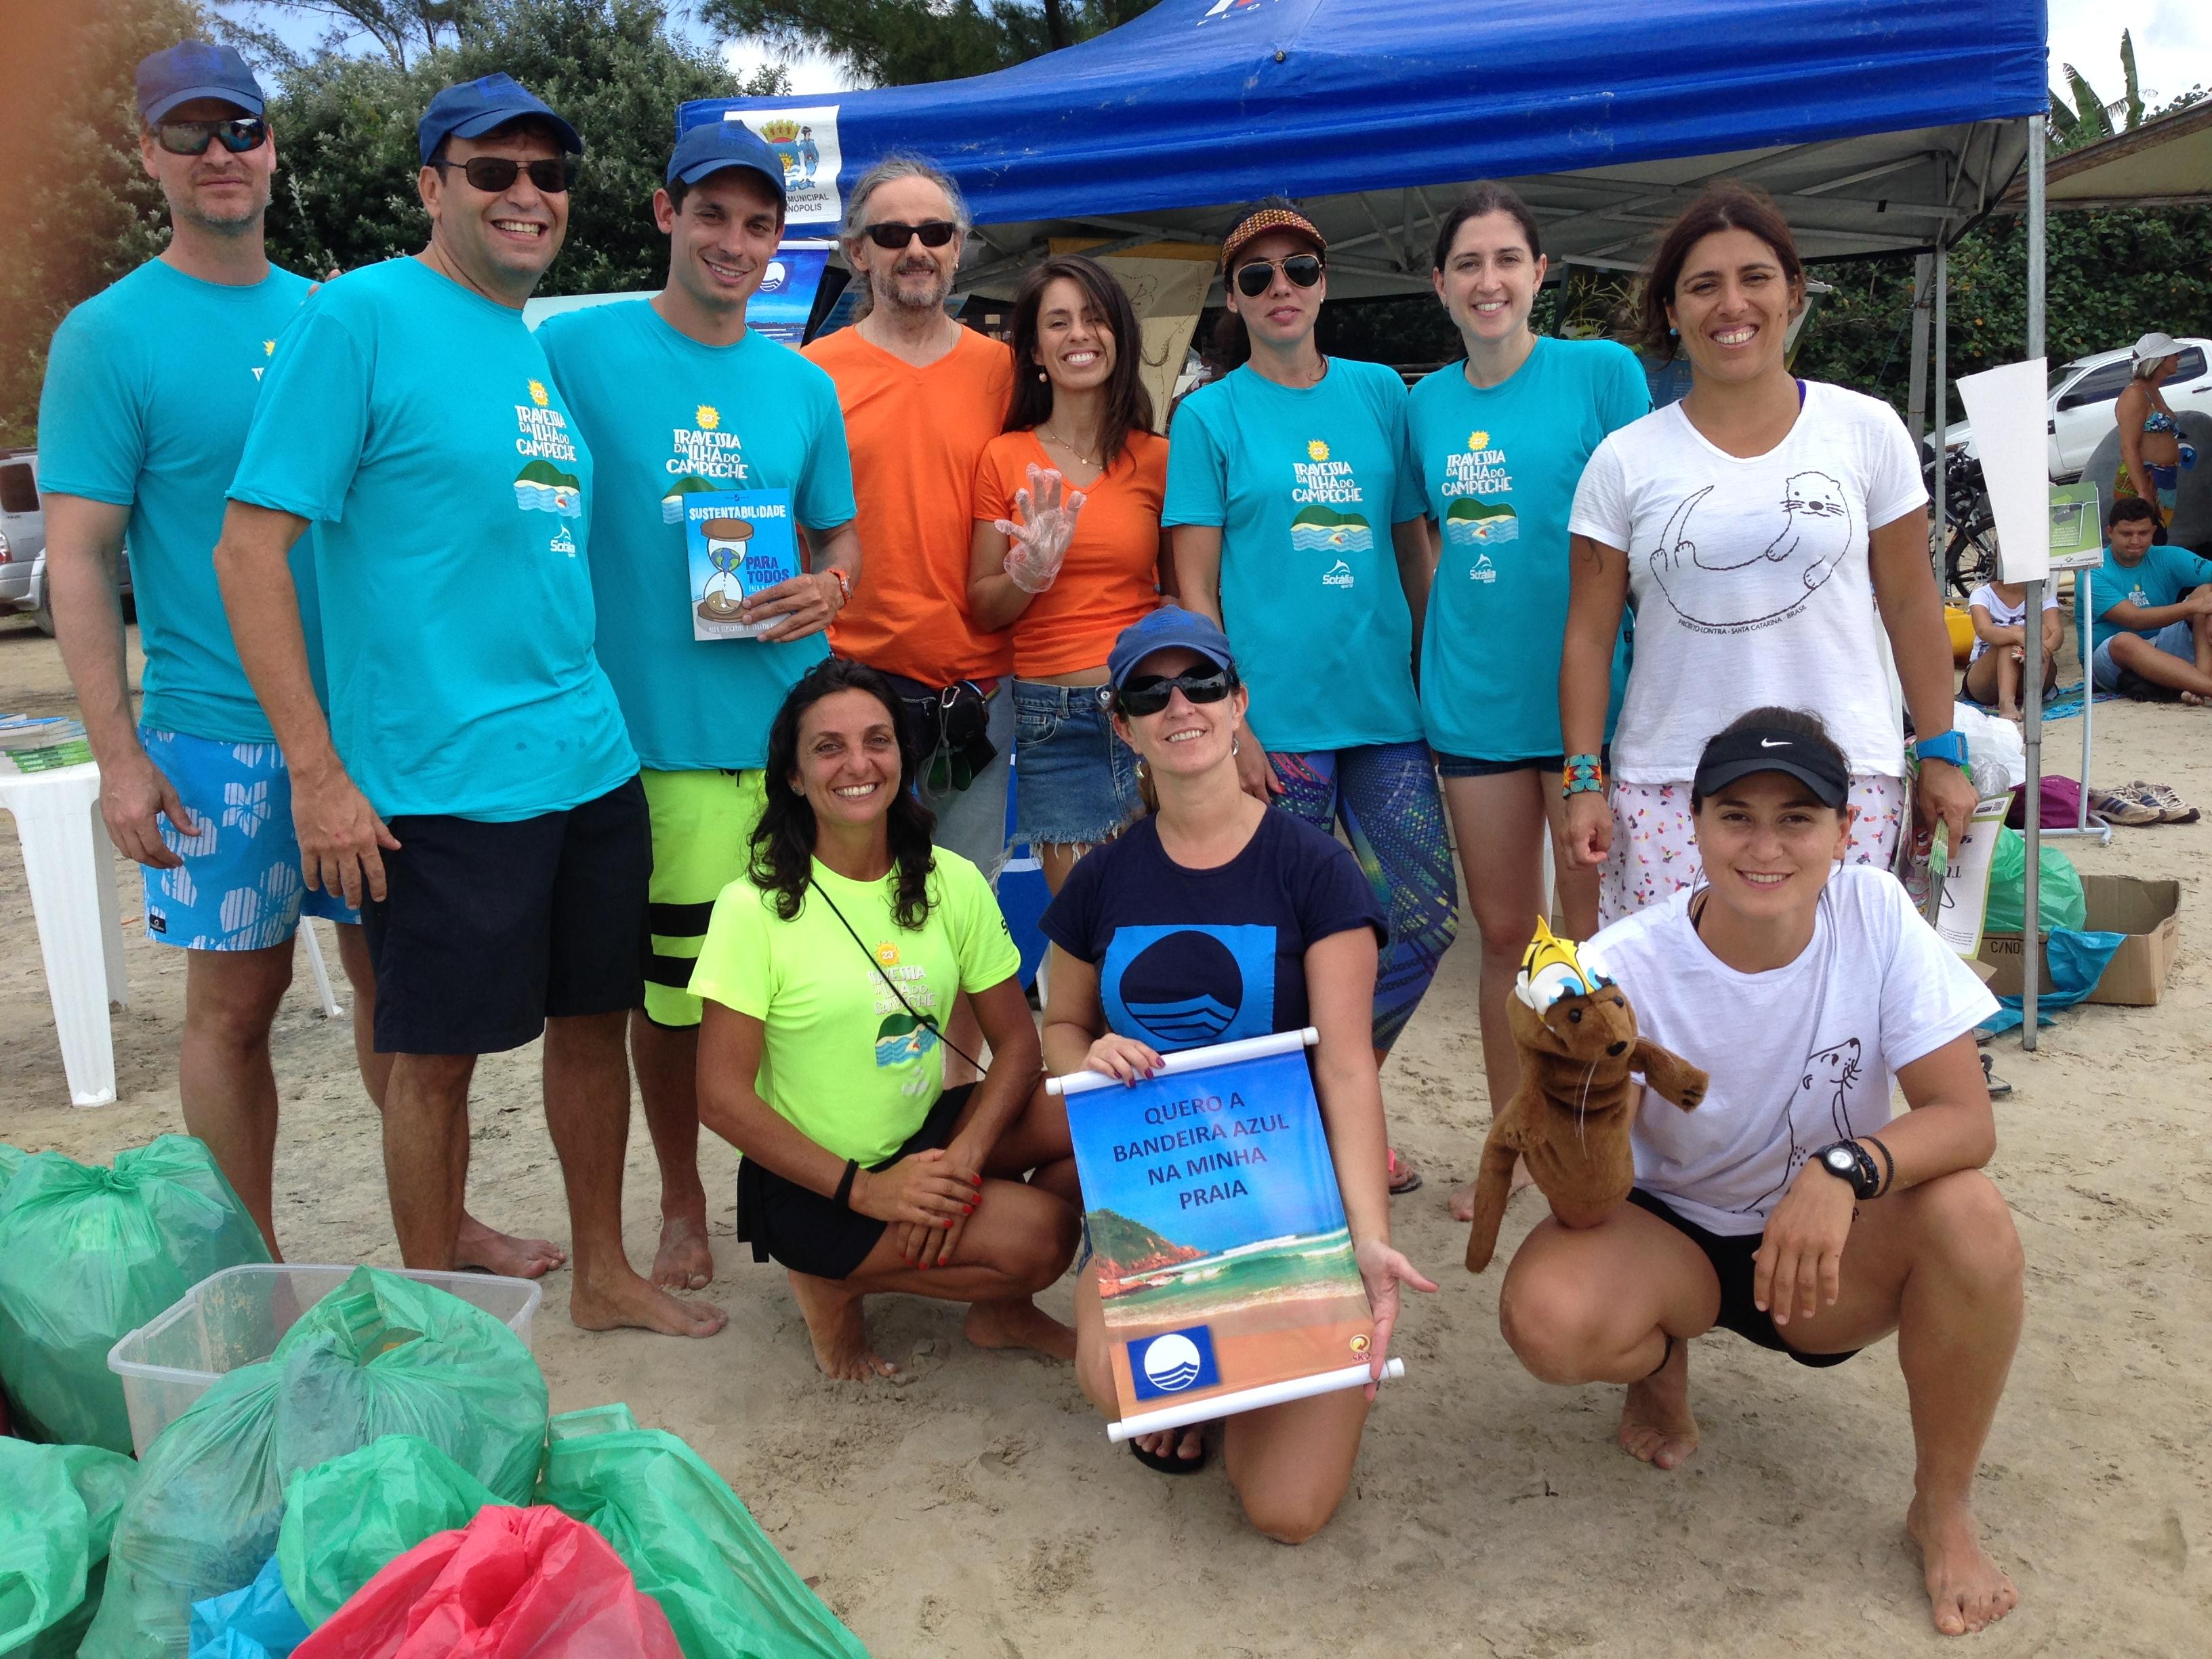 Organizadores das ações socioambientais realizadas durante a 23a travessia da Ilha do Campeche.